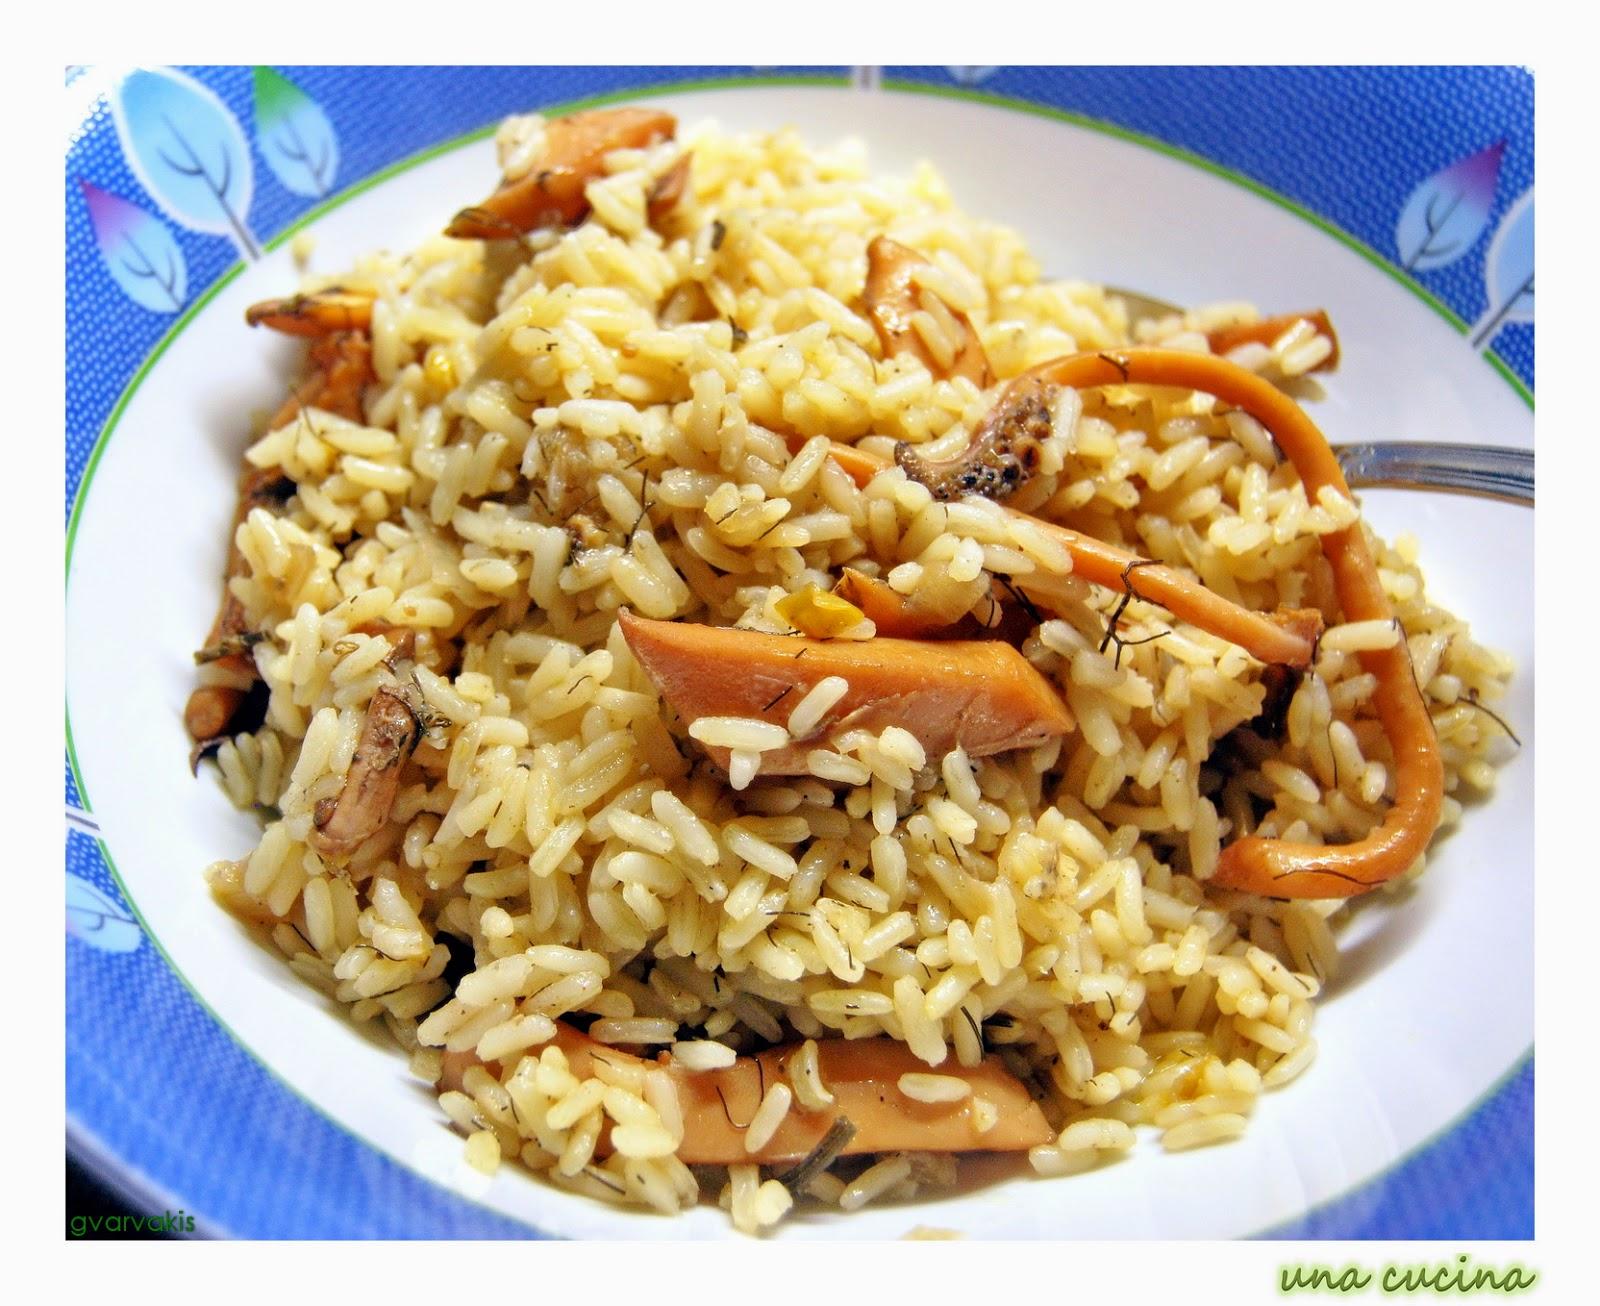 σουπιές κρασάτες με ρυζι